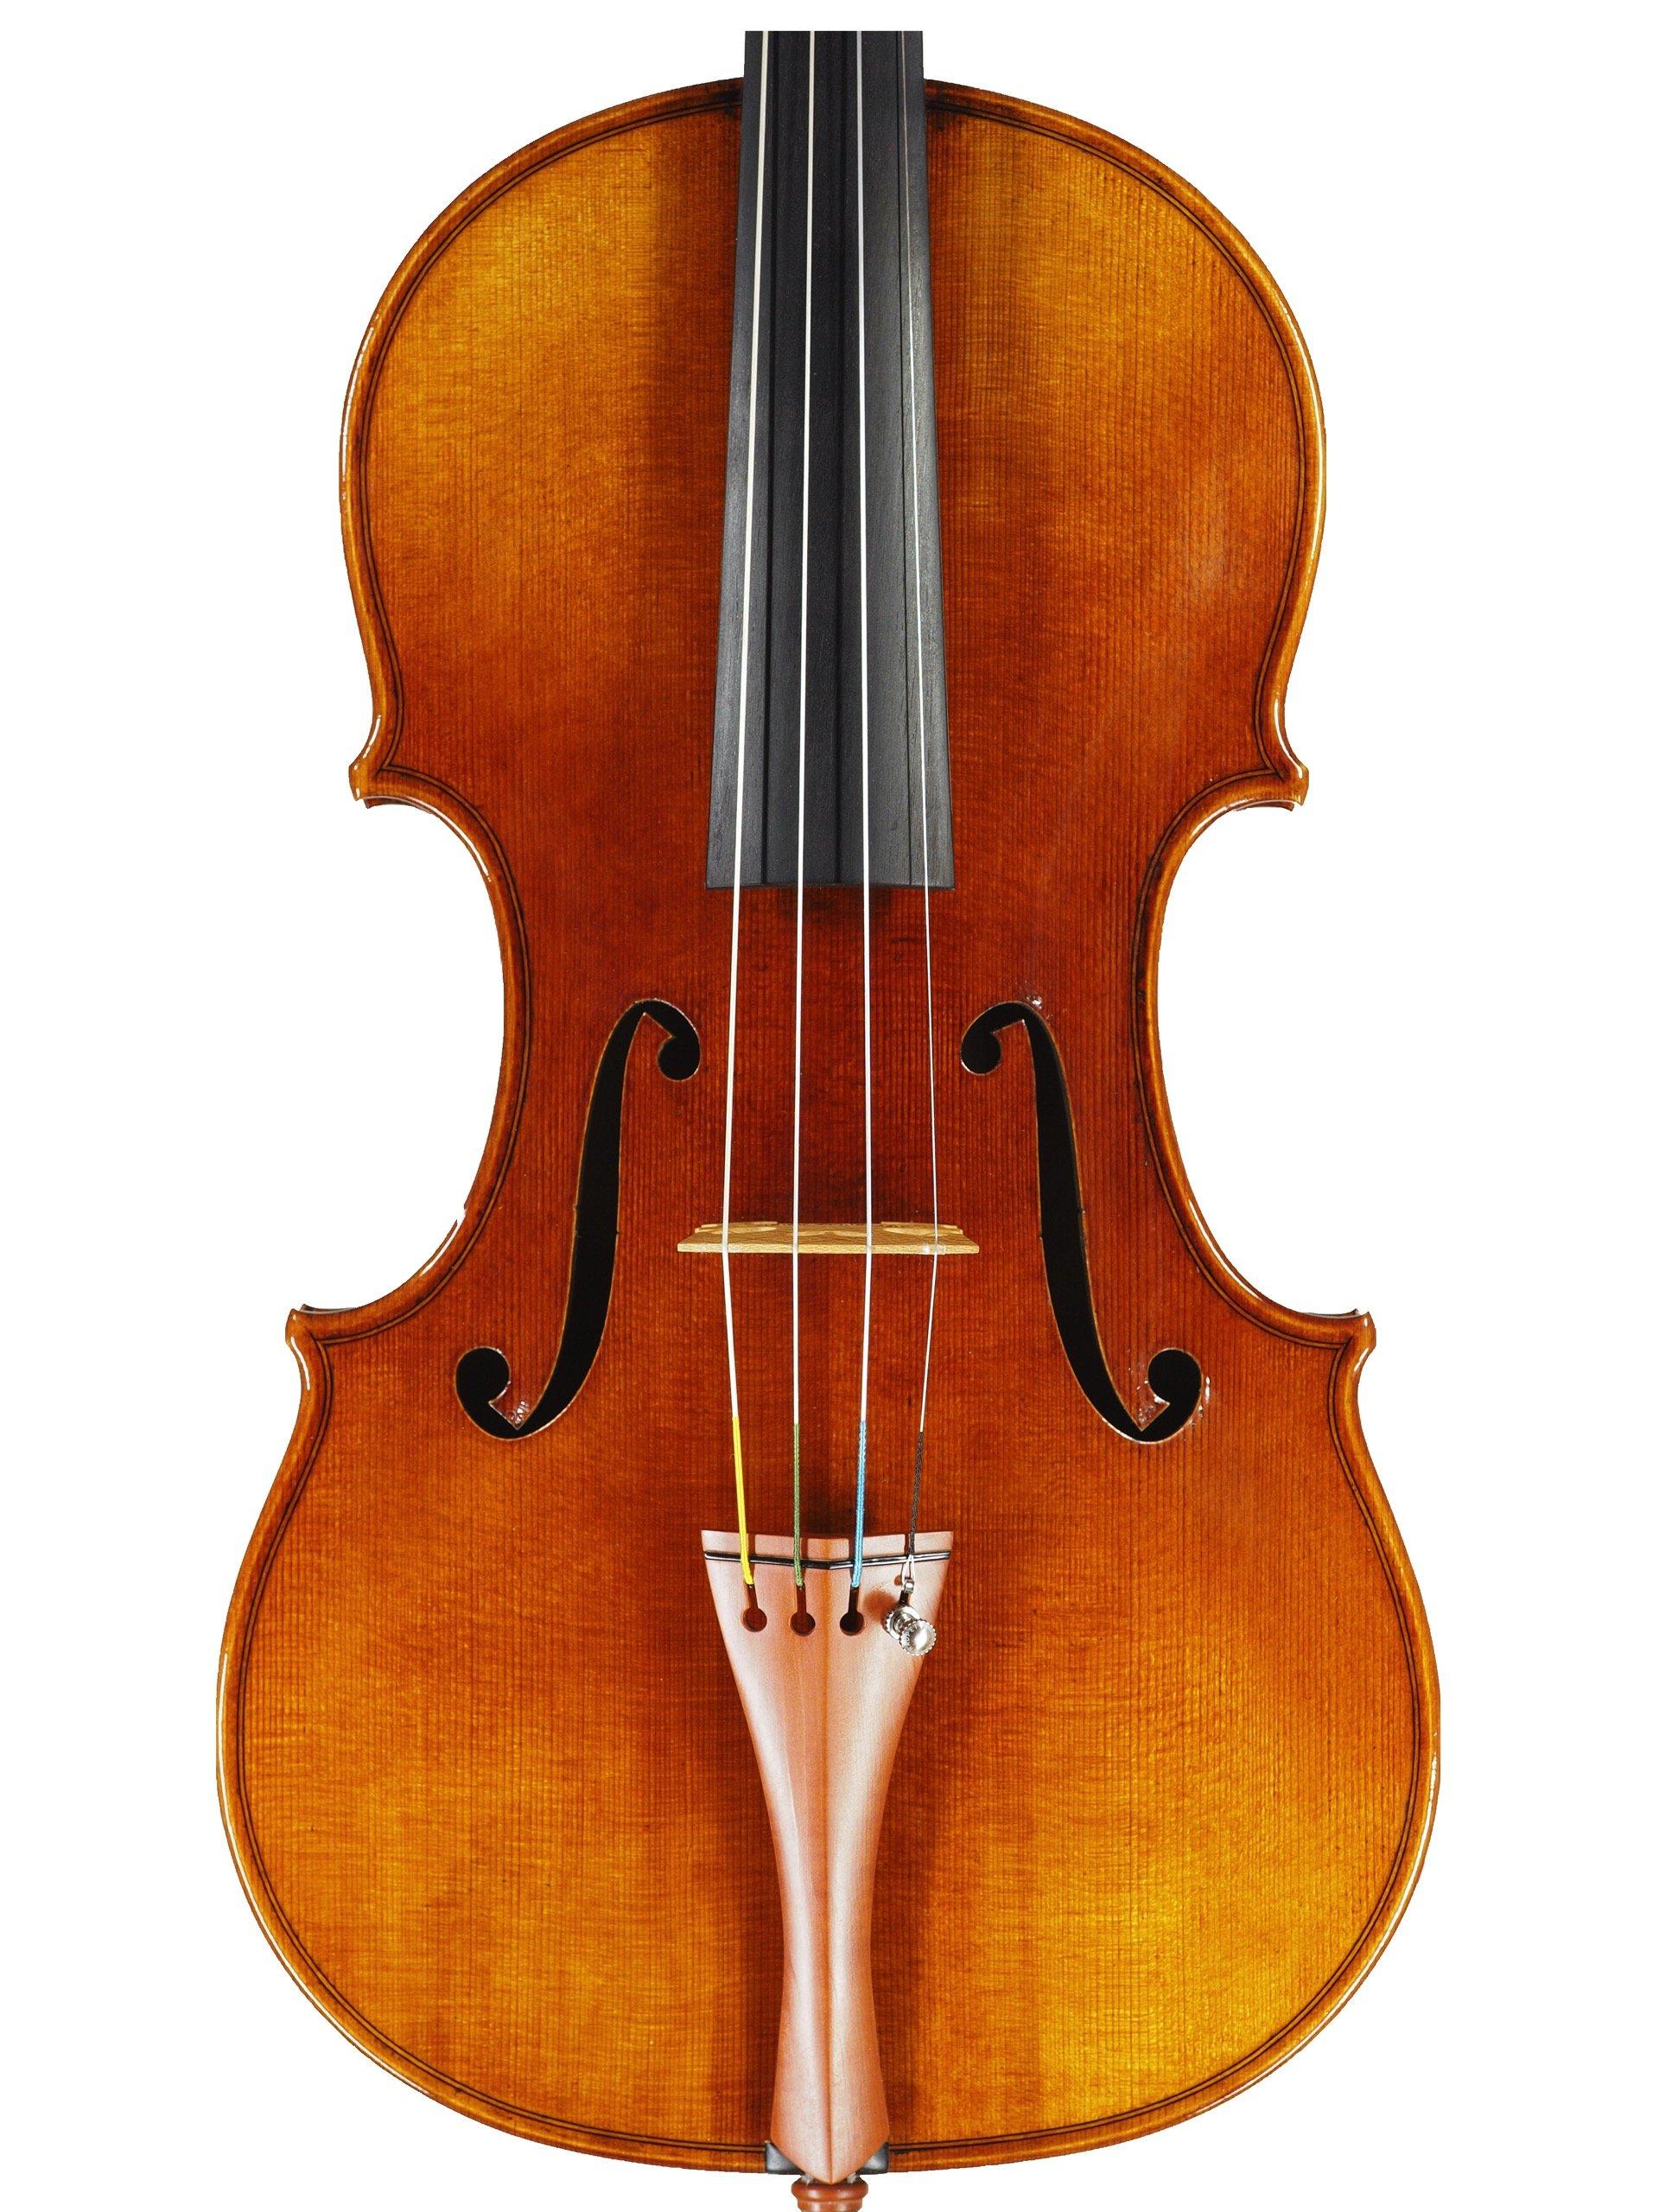 Violin based on the model of the 'Kochanski' Guarneri del Gesu anno 1741 IV